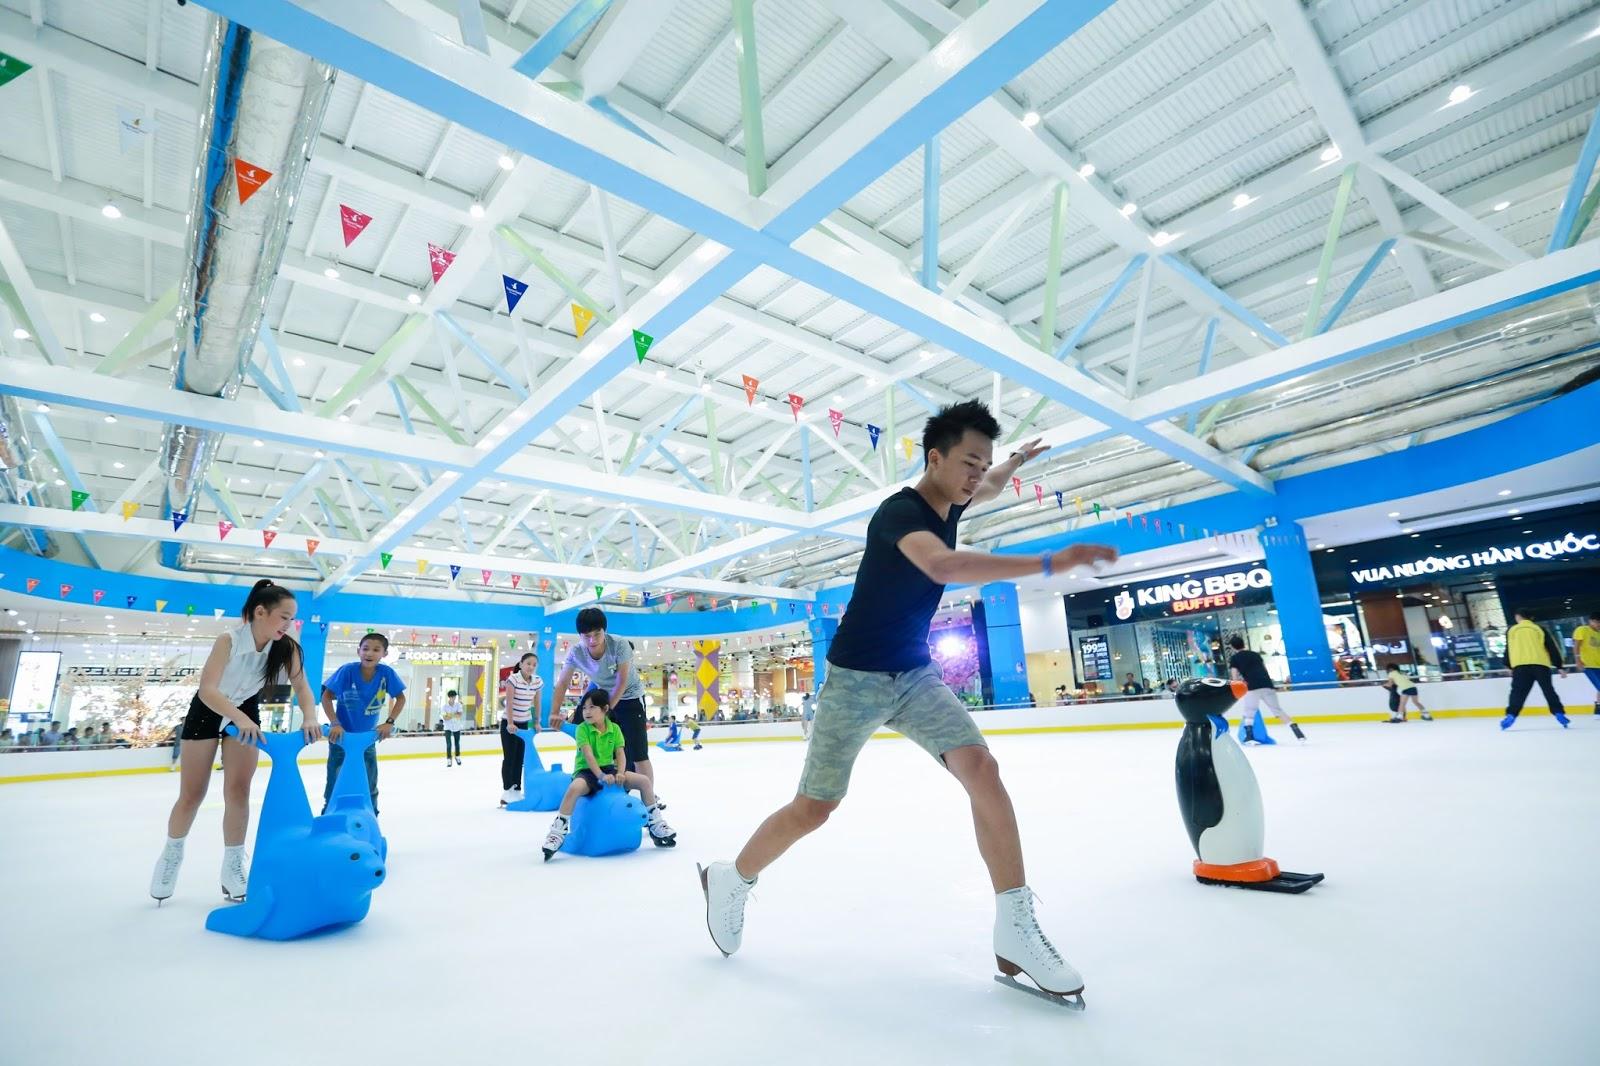 Kết quả hình ảnh cho khu giải trí Vinpearlland Games, rạp chiếu phim tiêu chuẩn mới nhất và khu vui chơi trẻ em ngoài trời với nhiều hạng mục đa dạng.